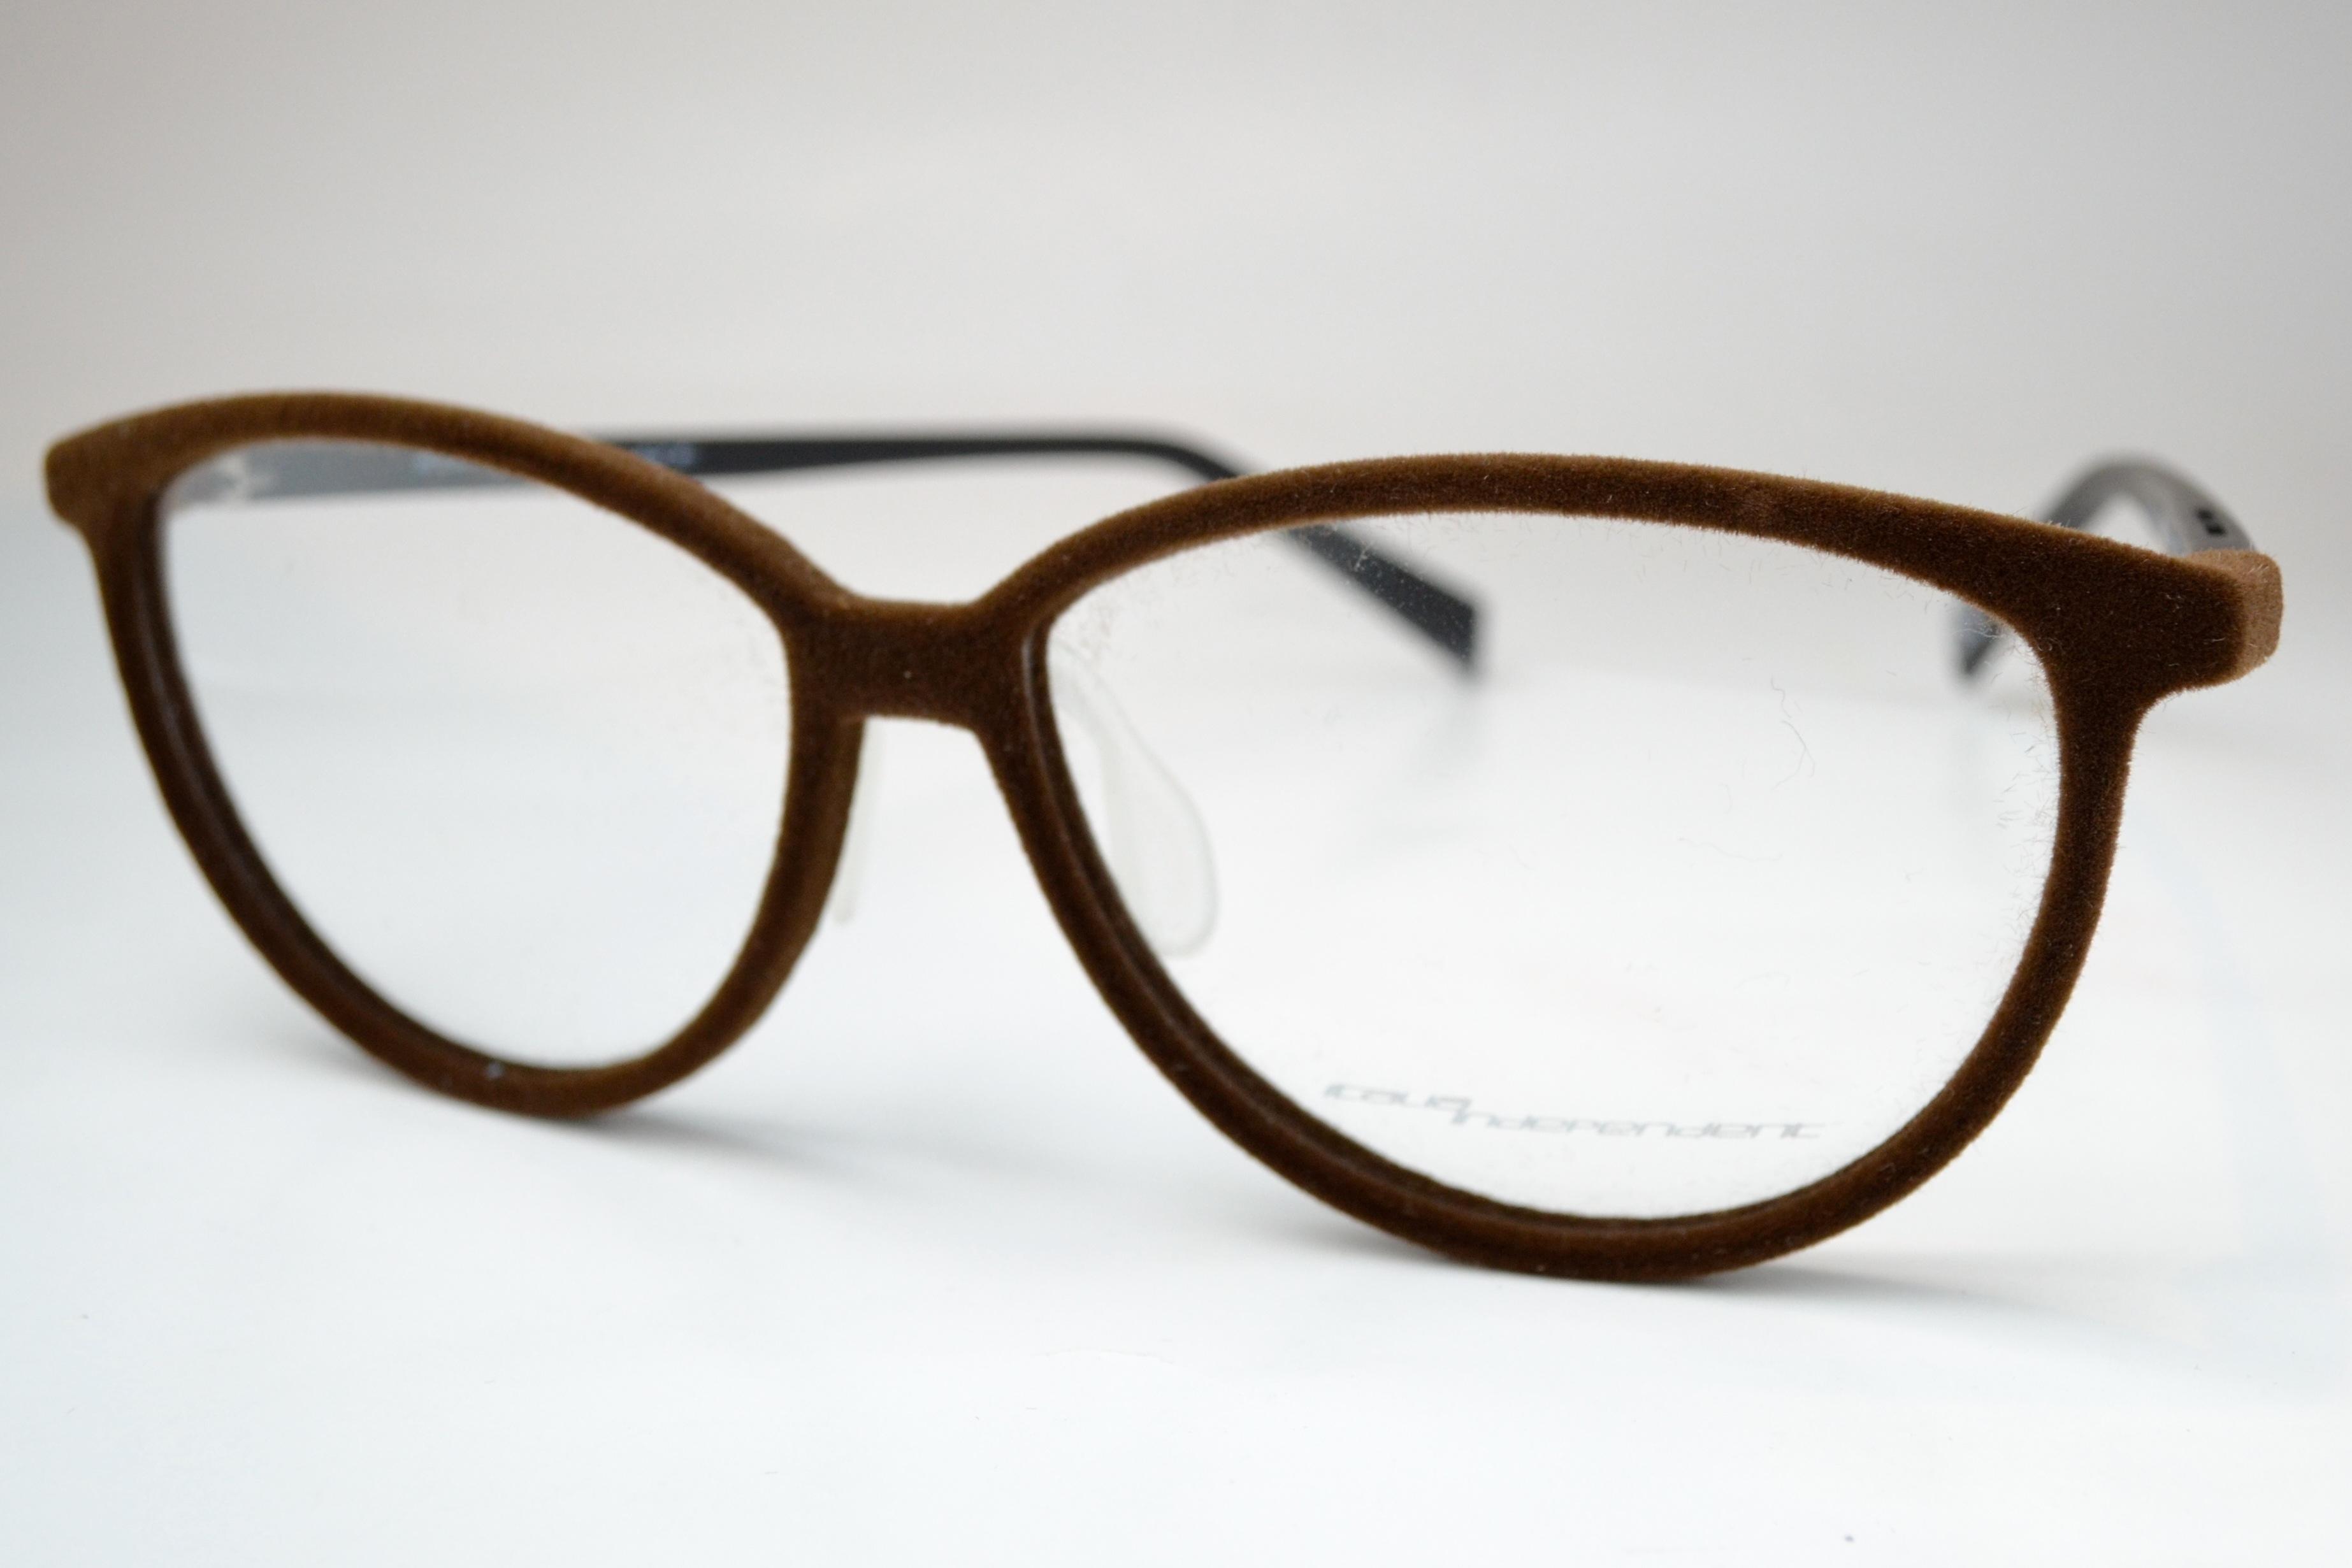 Eyeglasses Optical Frames : Image Gallery eyewear